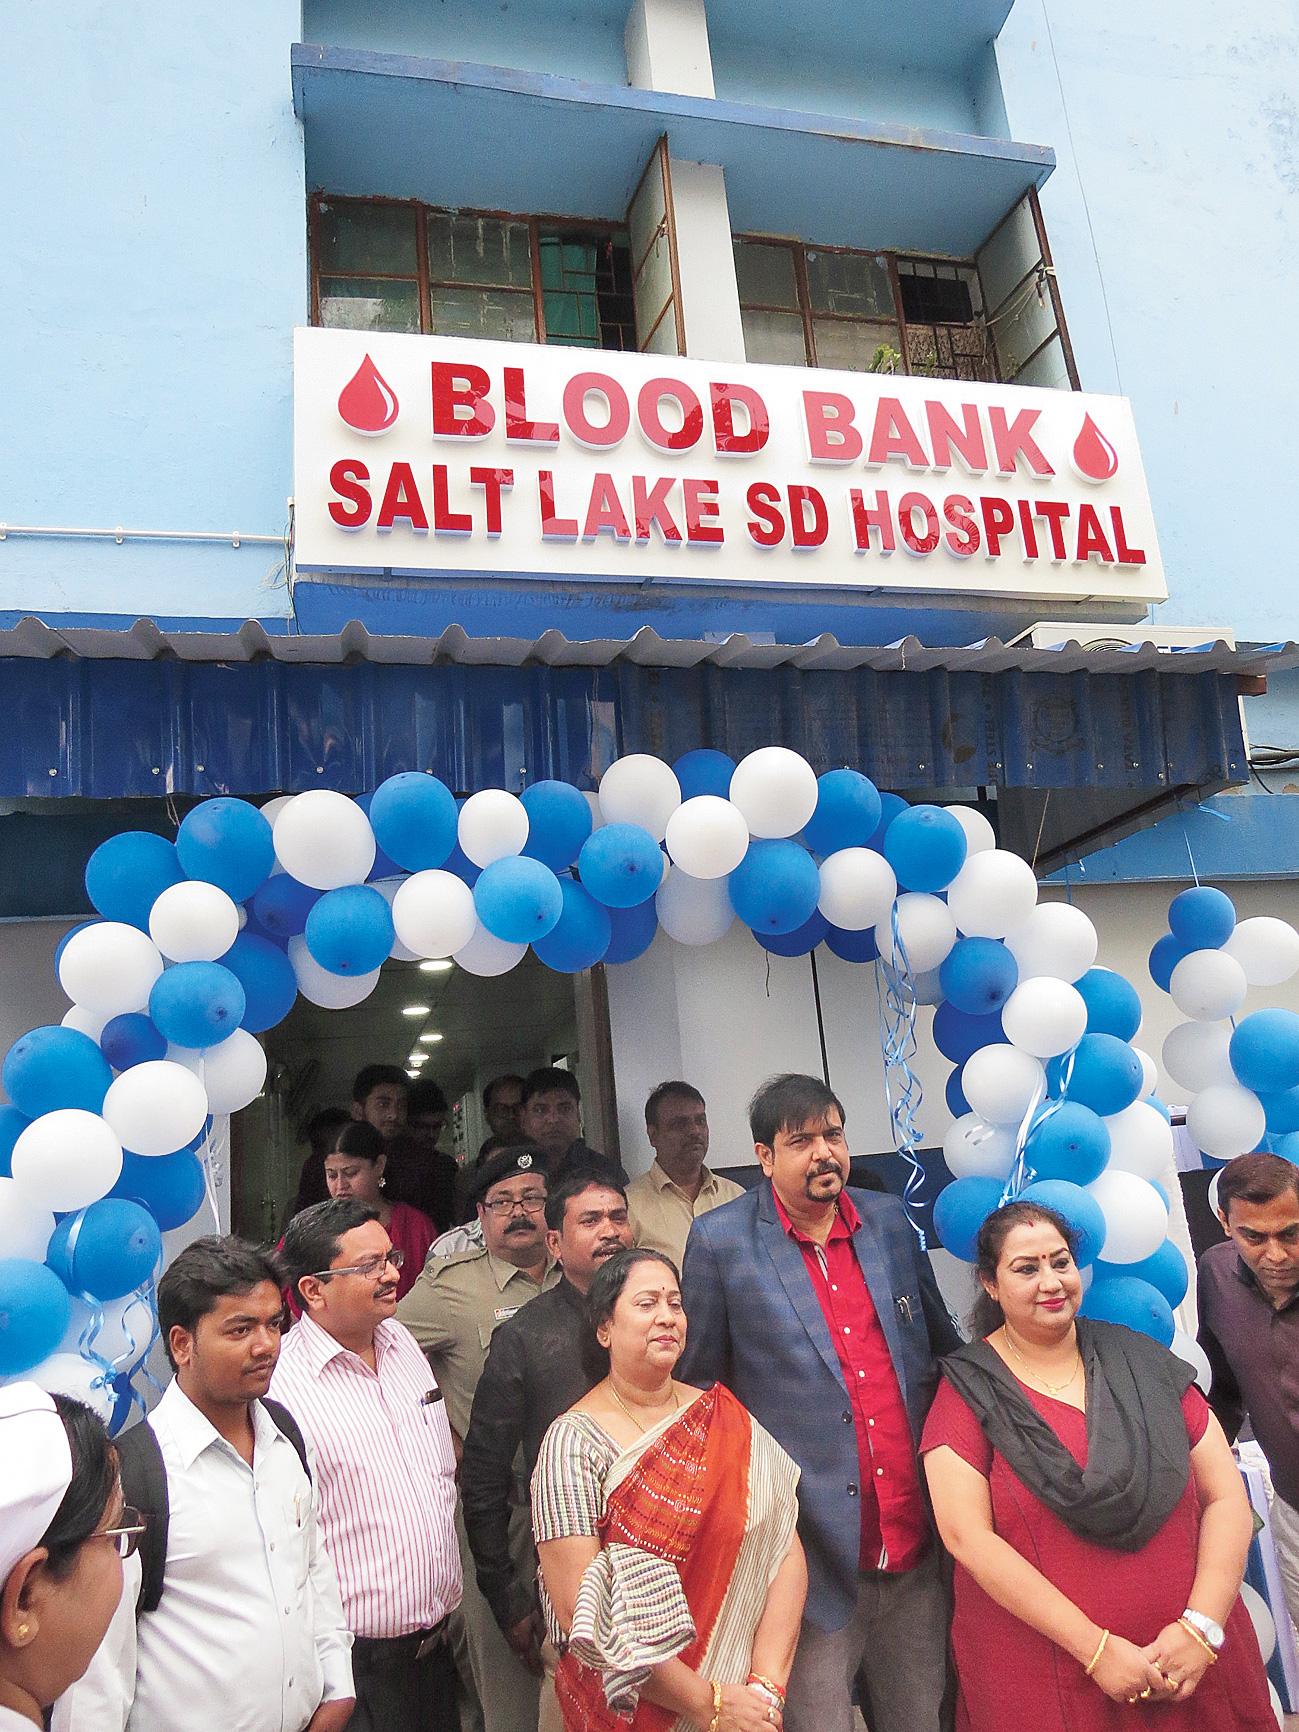 Blood bank for hospital.